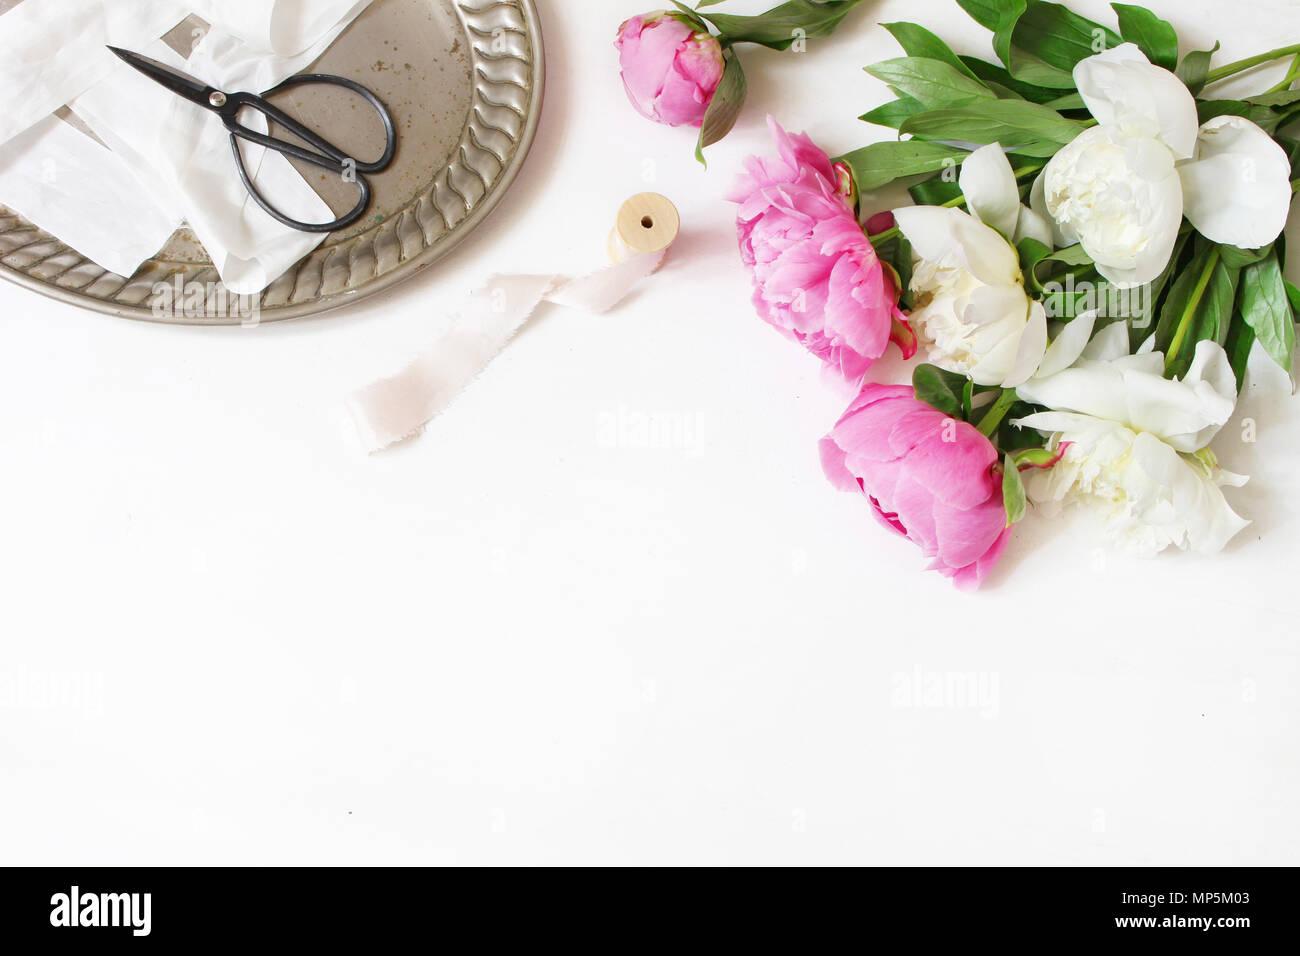 Styled Foto Feminine Hochzeit Oder Geburtstag Tabelle Komposition